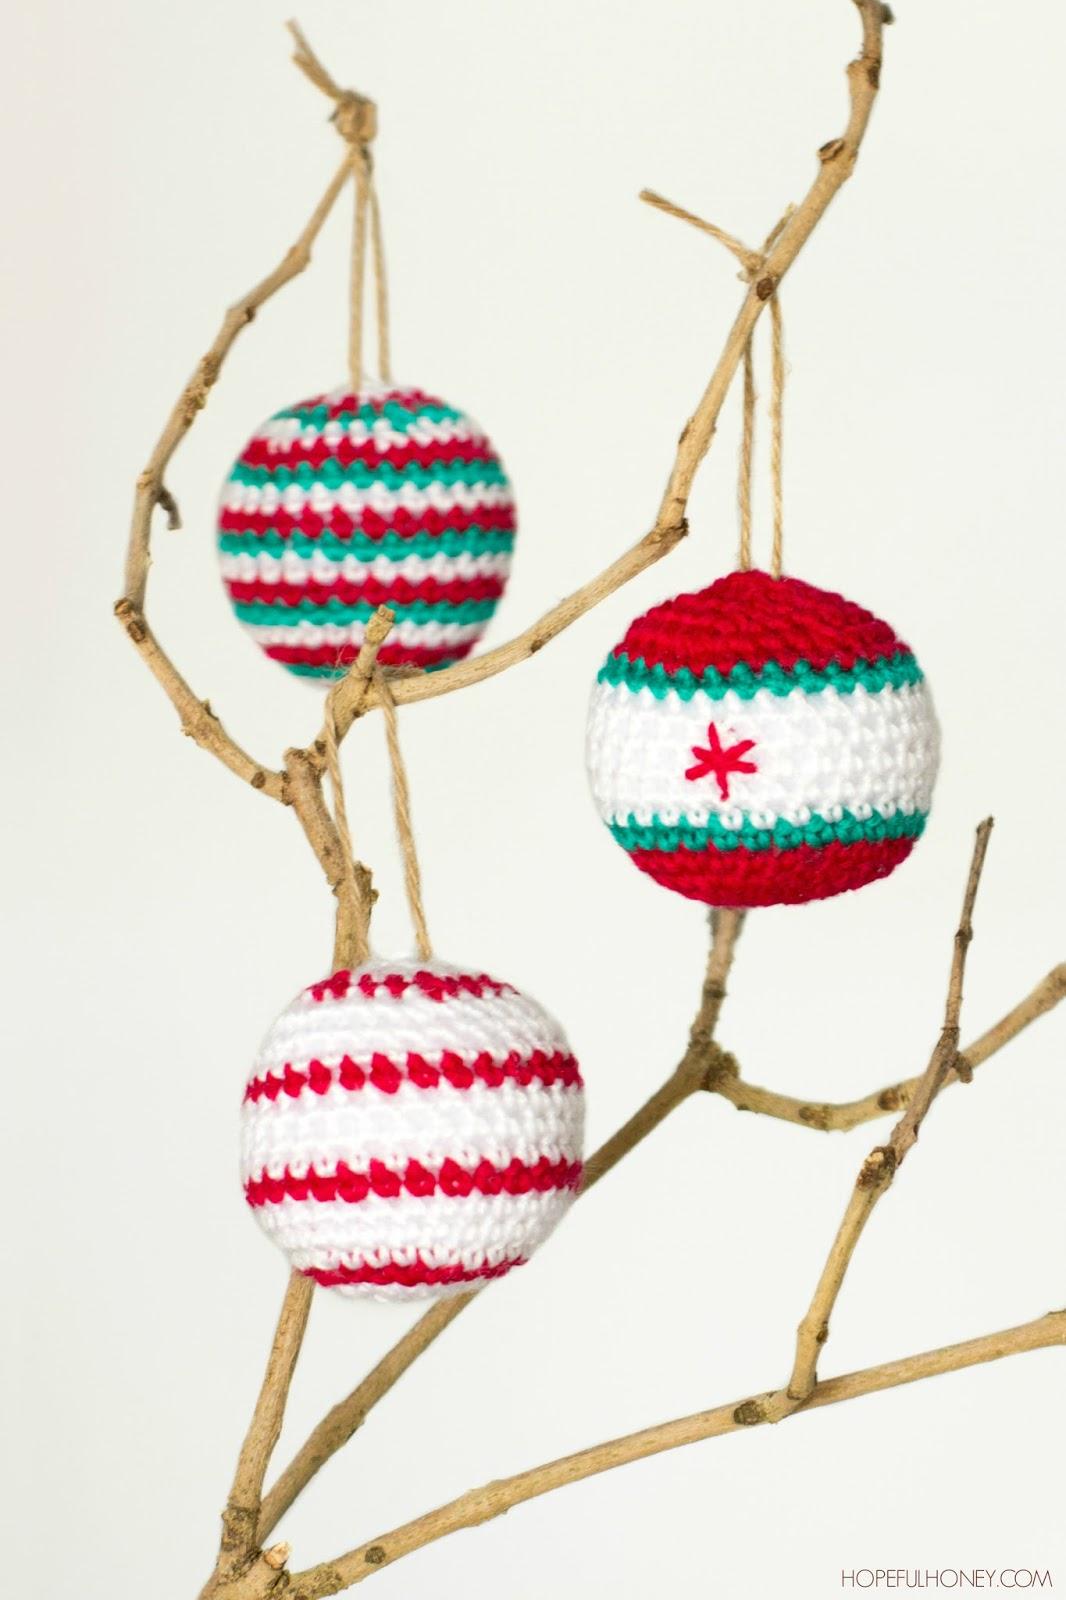 http://1.bp.blogspot.com/-4nl1p1d10DU/VHbmP04P8eI/AAAAAAAASDE/OCM-904Ny7I/s1600/Christmas%2BBaubles%2BCrochet%2BPattern%2B1.jpg